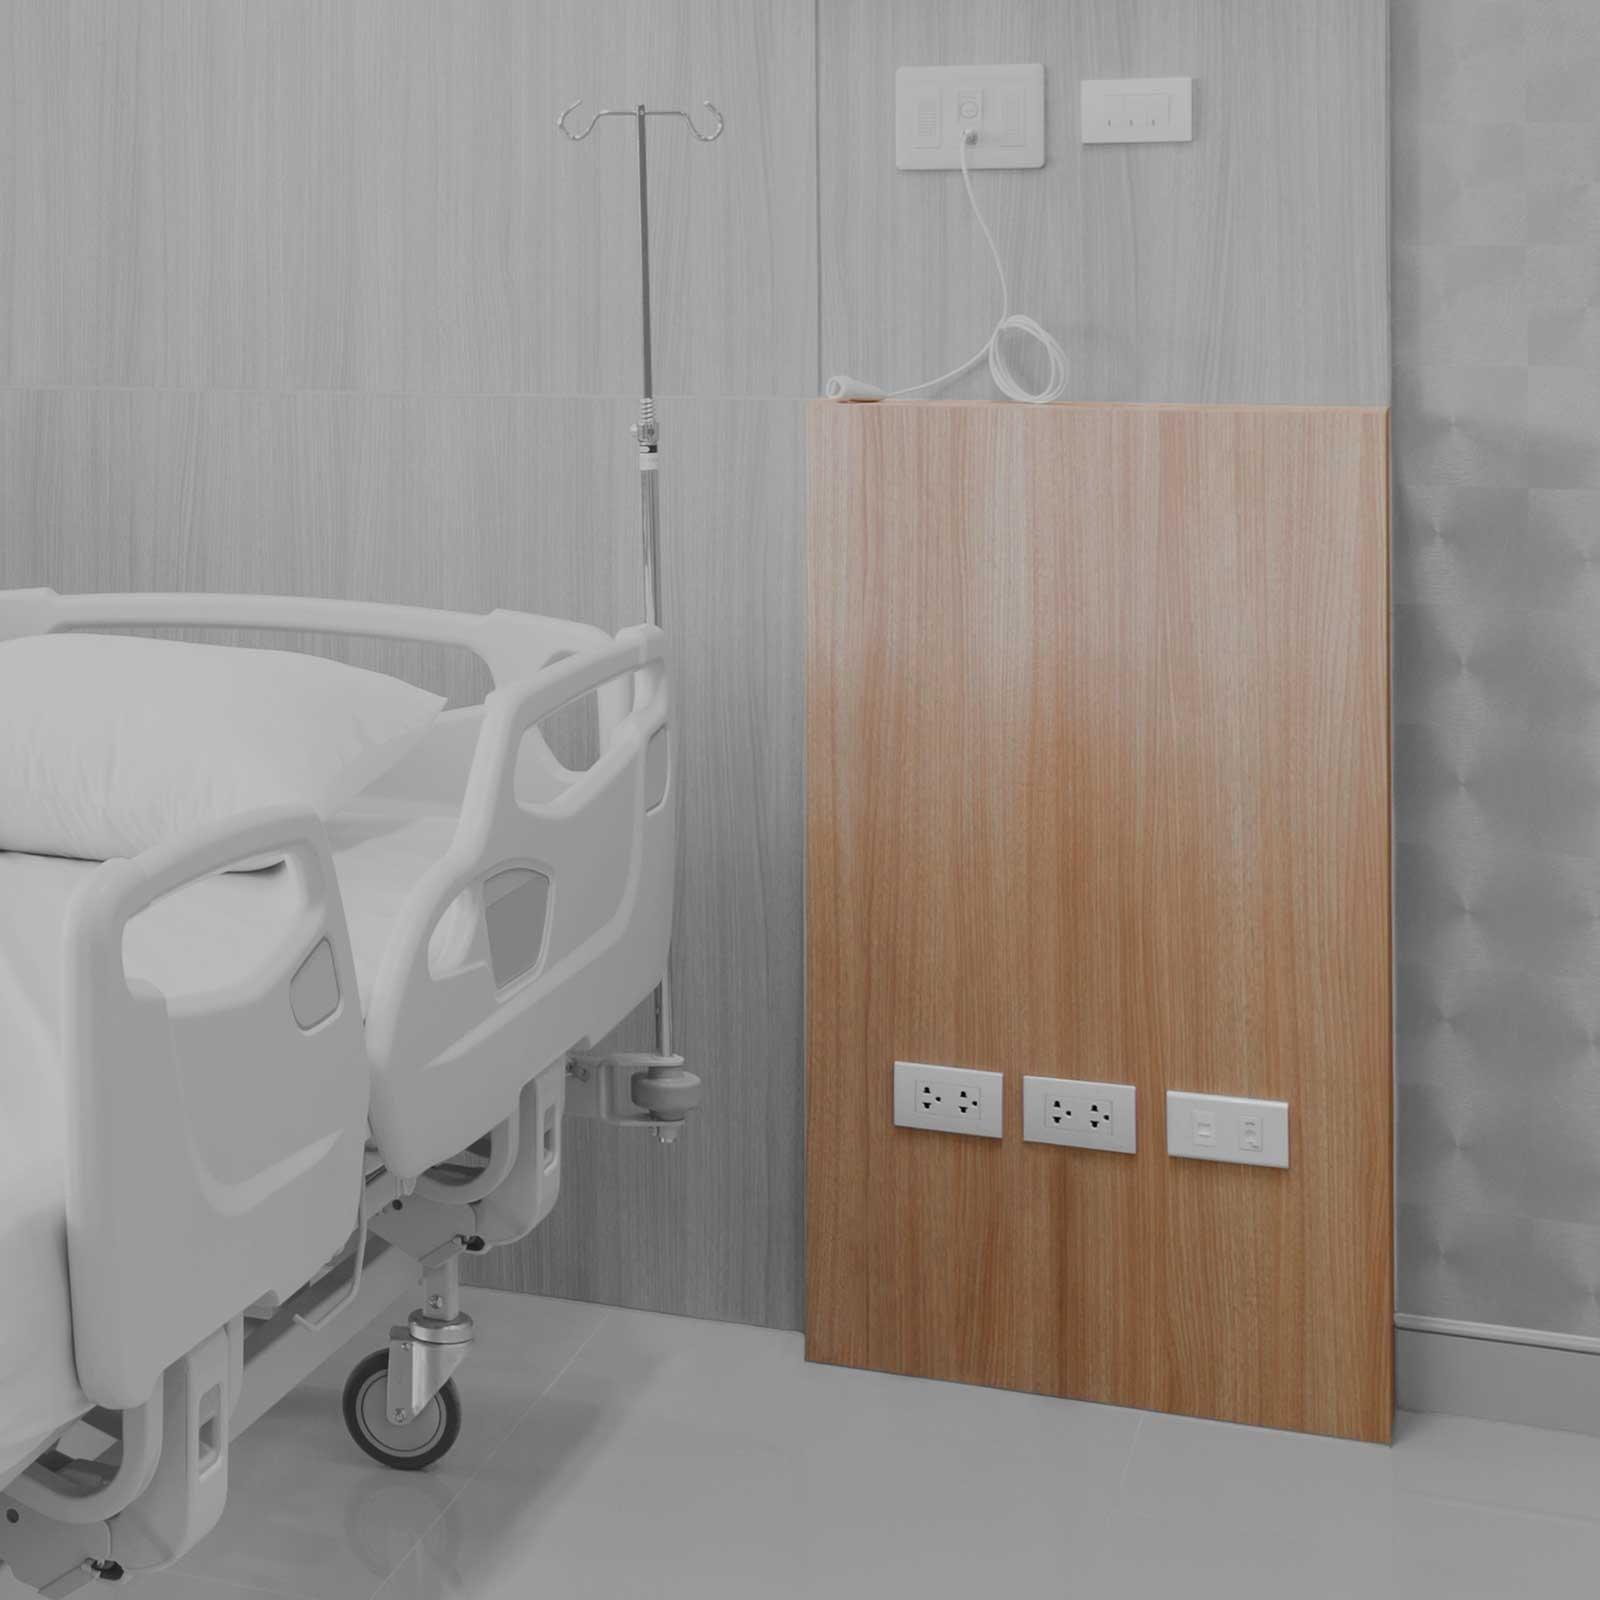 IndustryHeros_1600x1600_Healthcare_2020